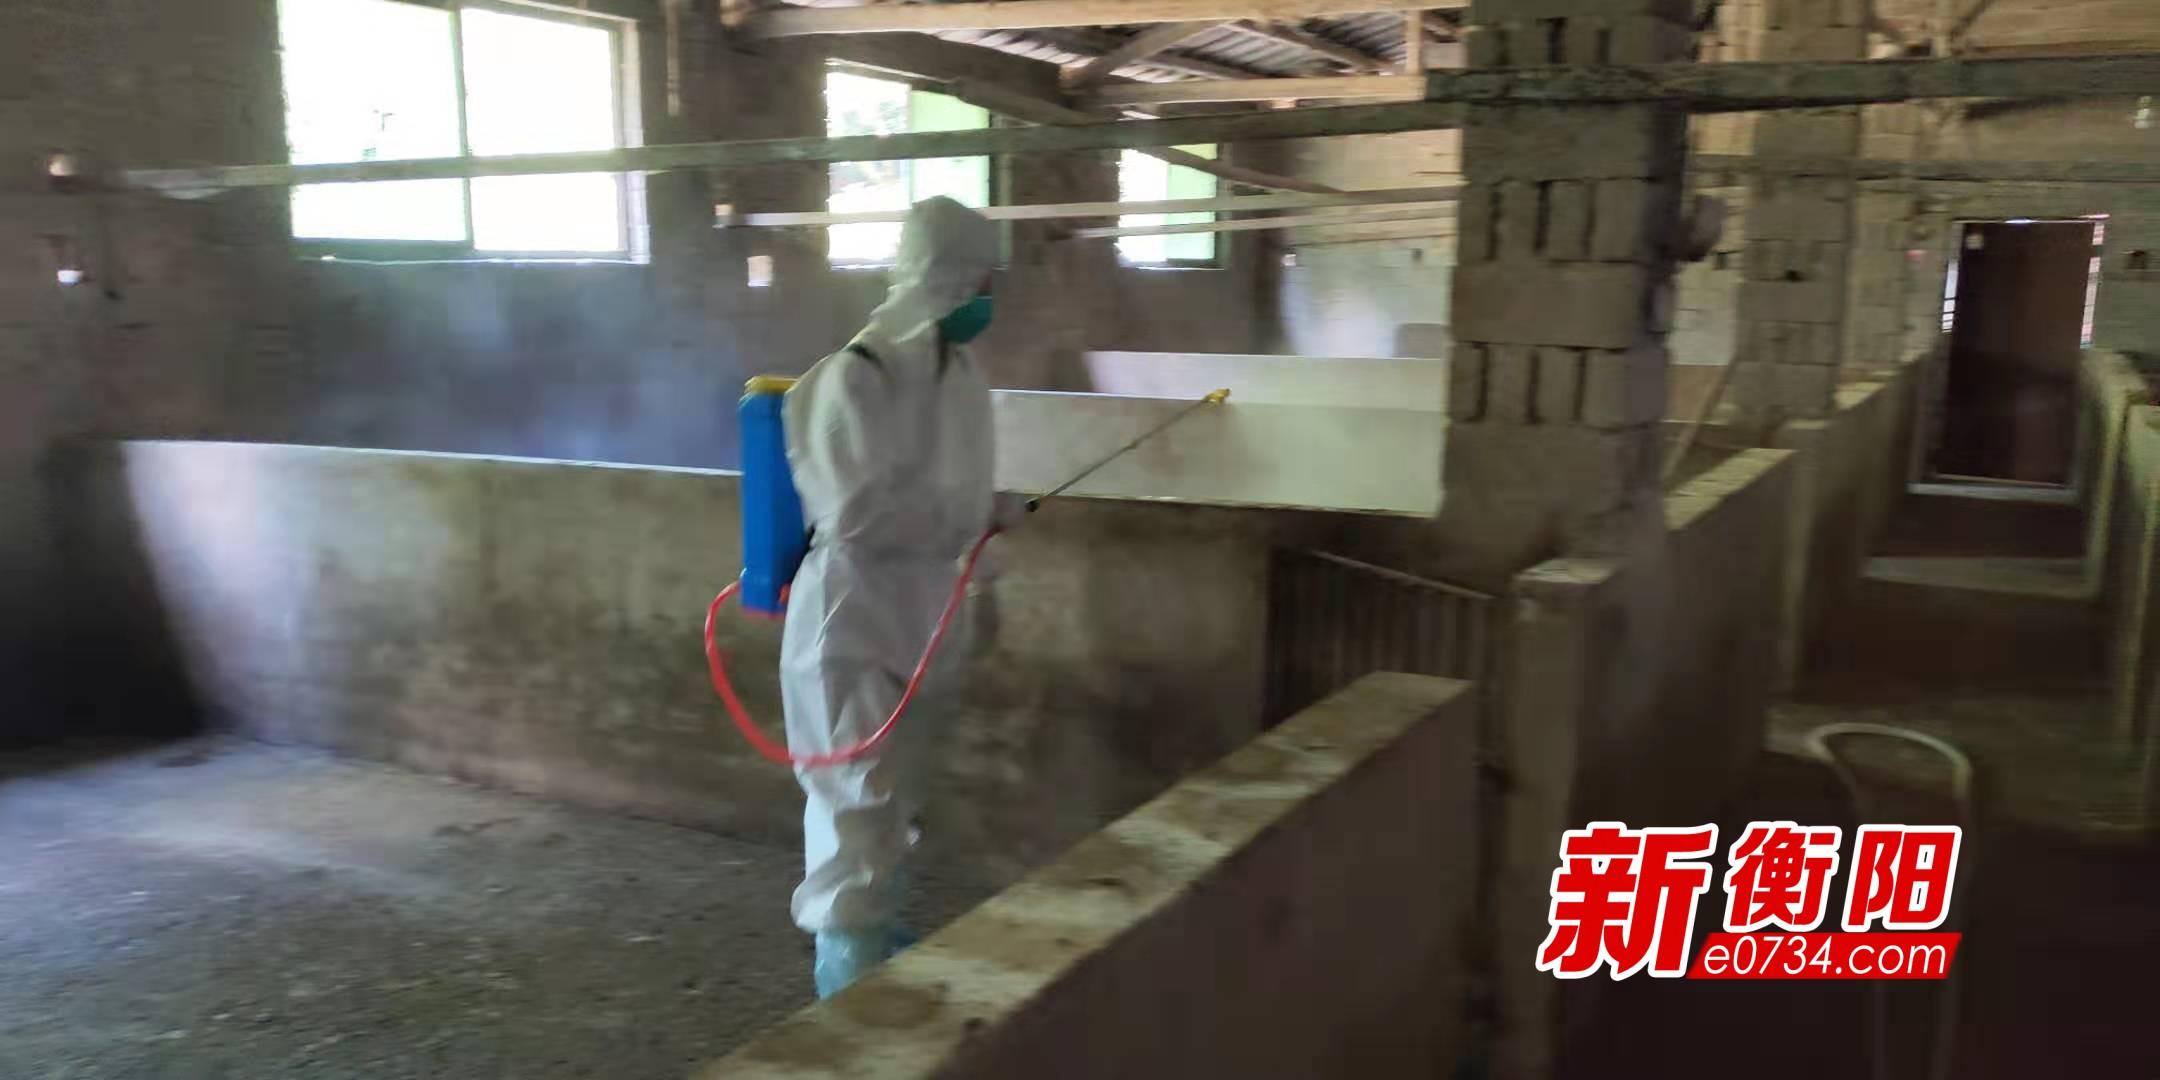 南岳打响灾后动物防疫战 帮助受灾户尽快恢复生产